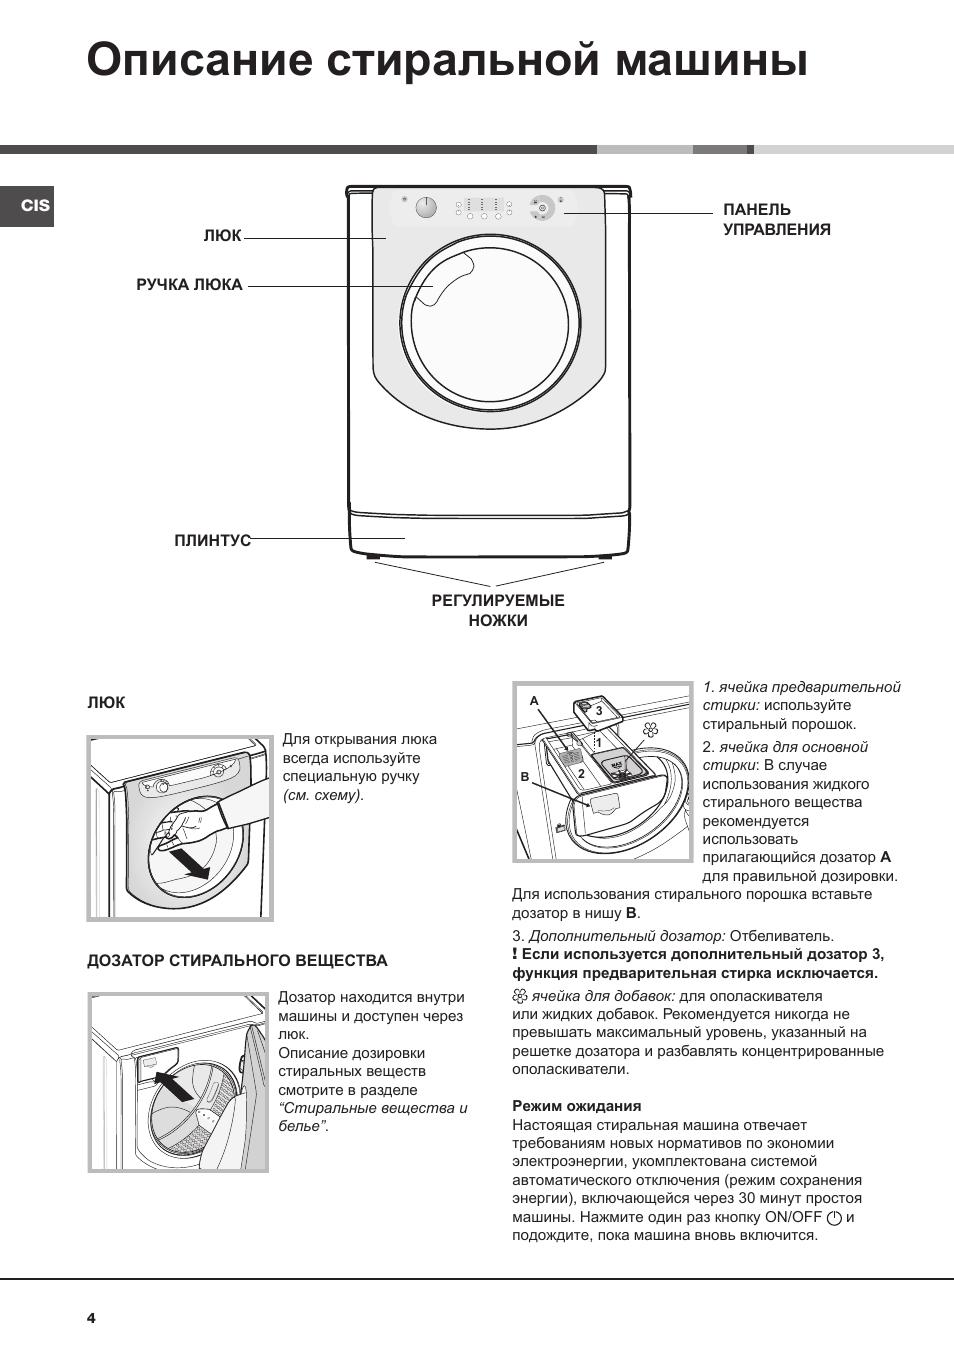 инструкция на стиральную машину индезит